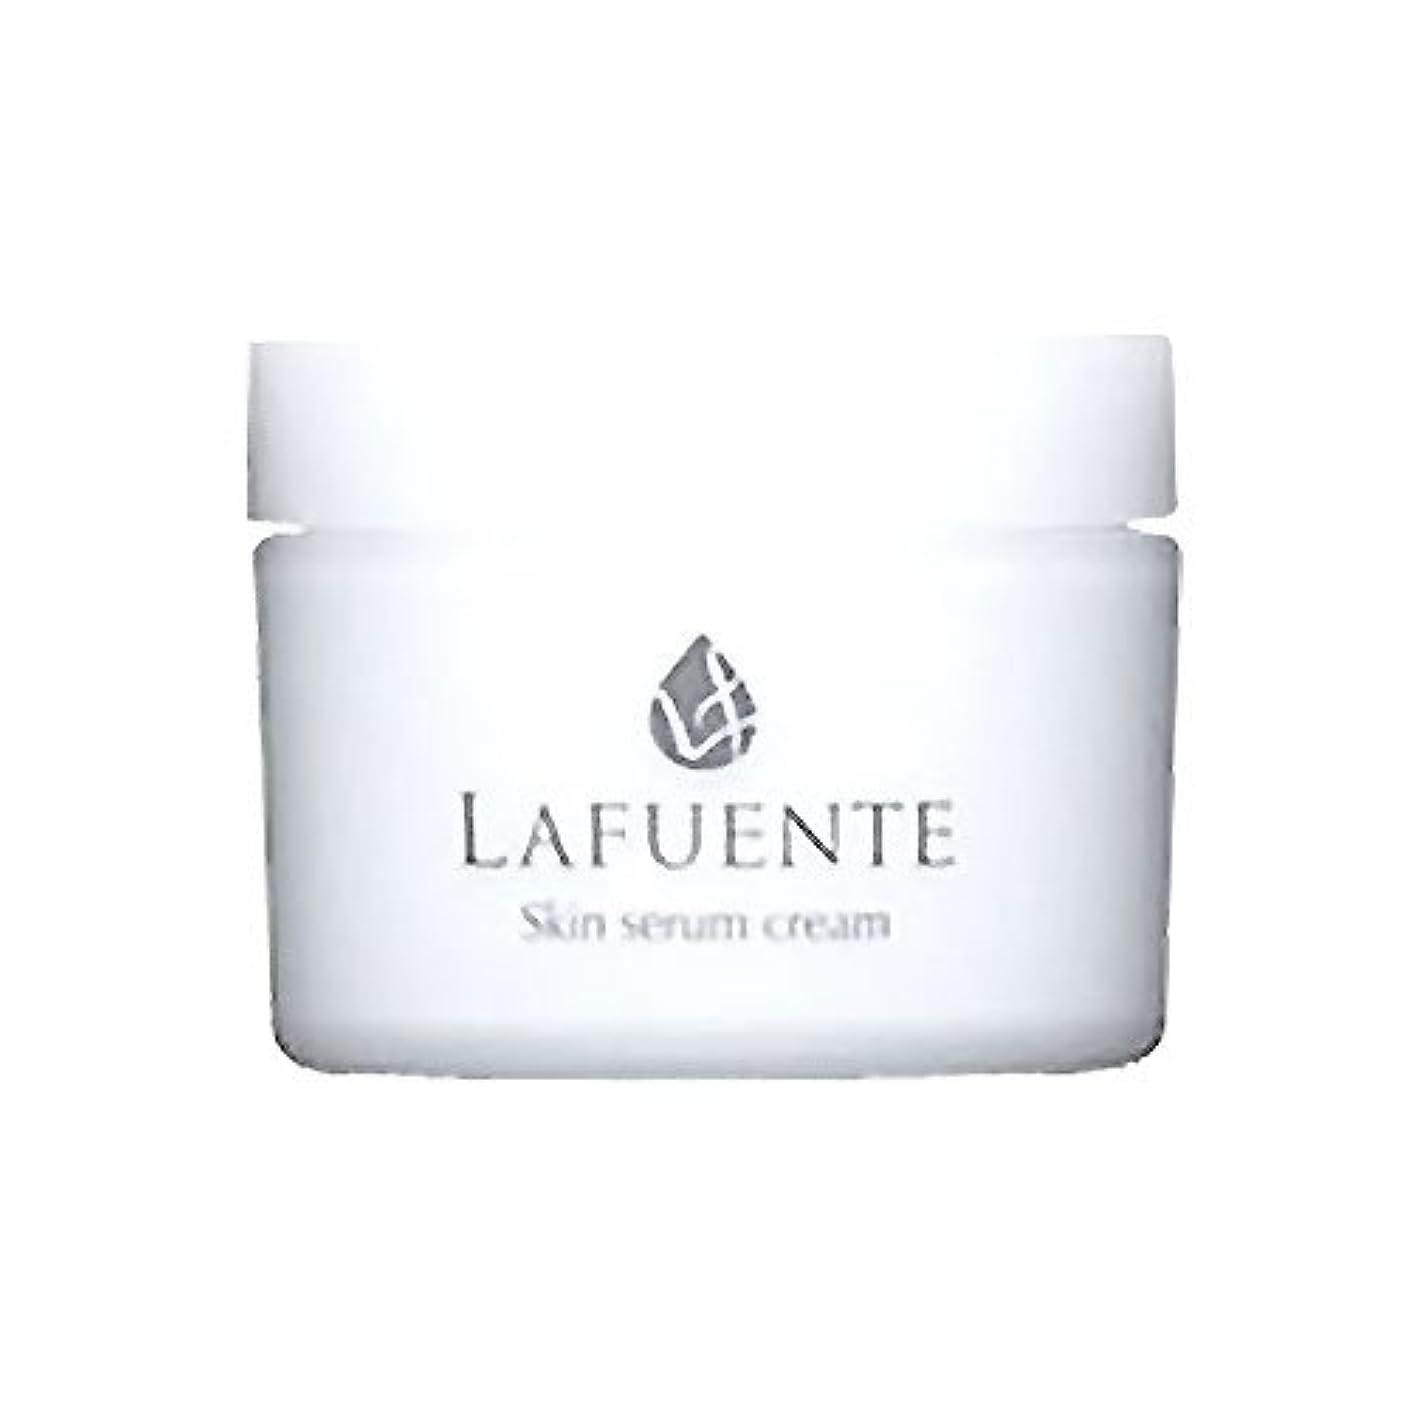 興奮赤より多いLAFUNTE (ラファンテ) スキンセラムクリーム 50g